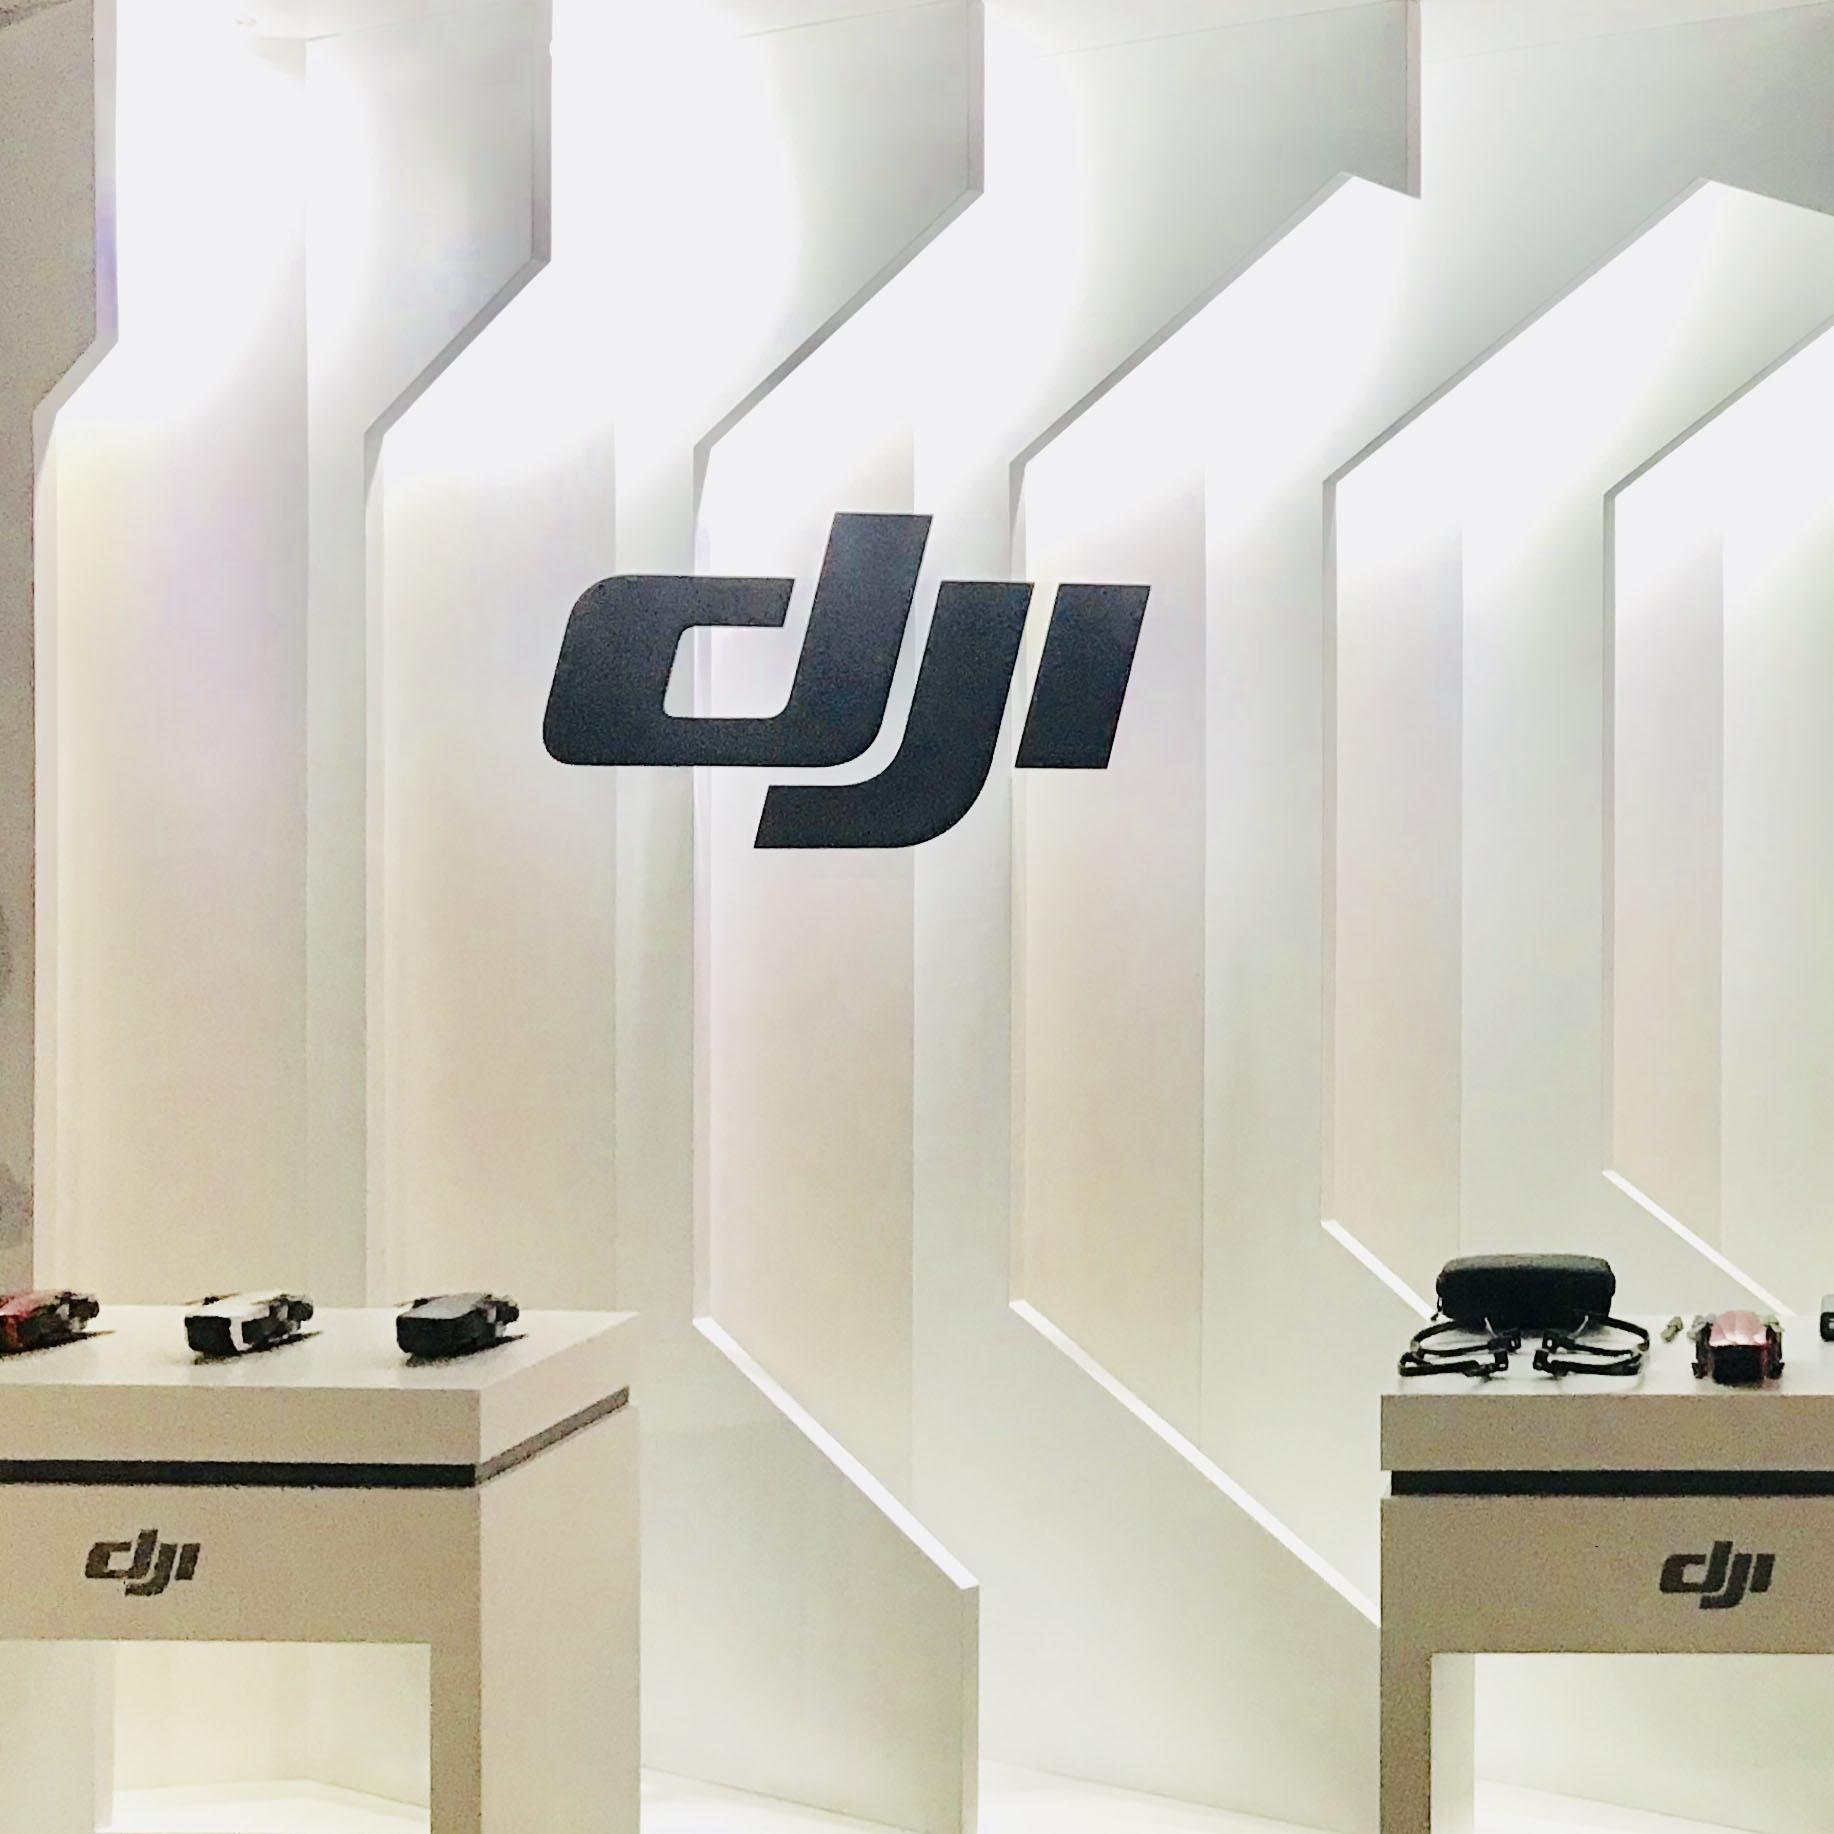 2018 DJI Mavic Air发布会